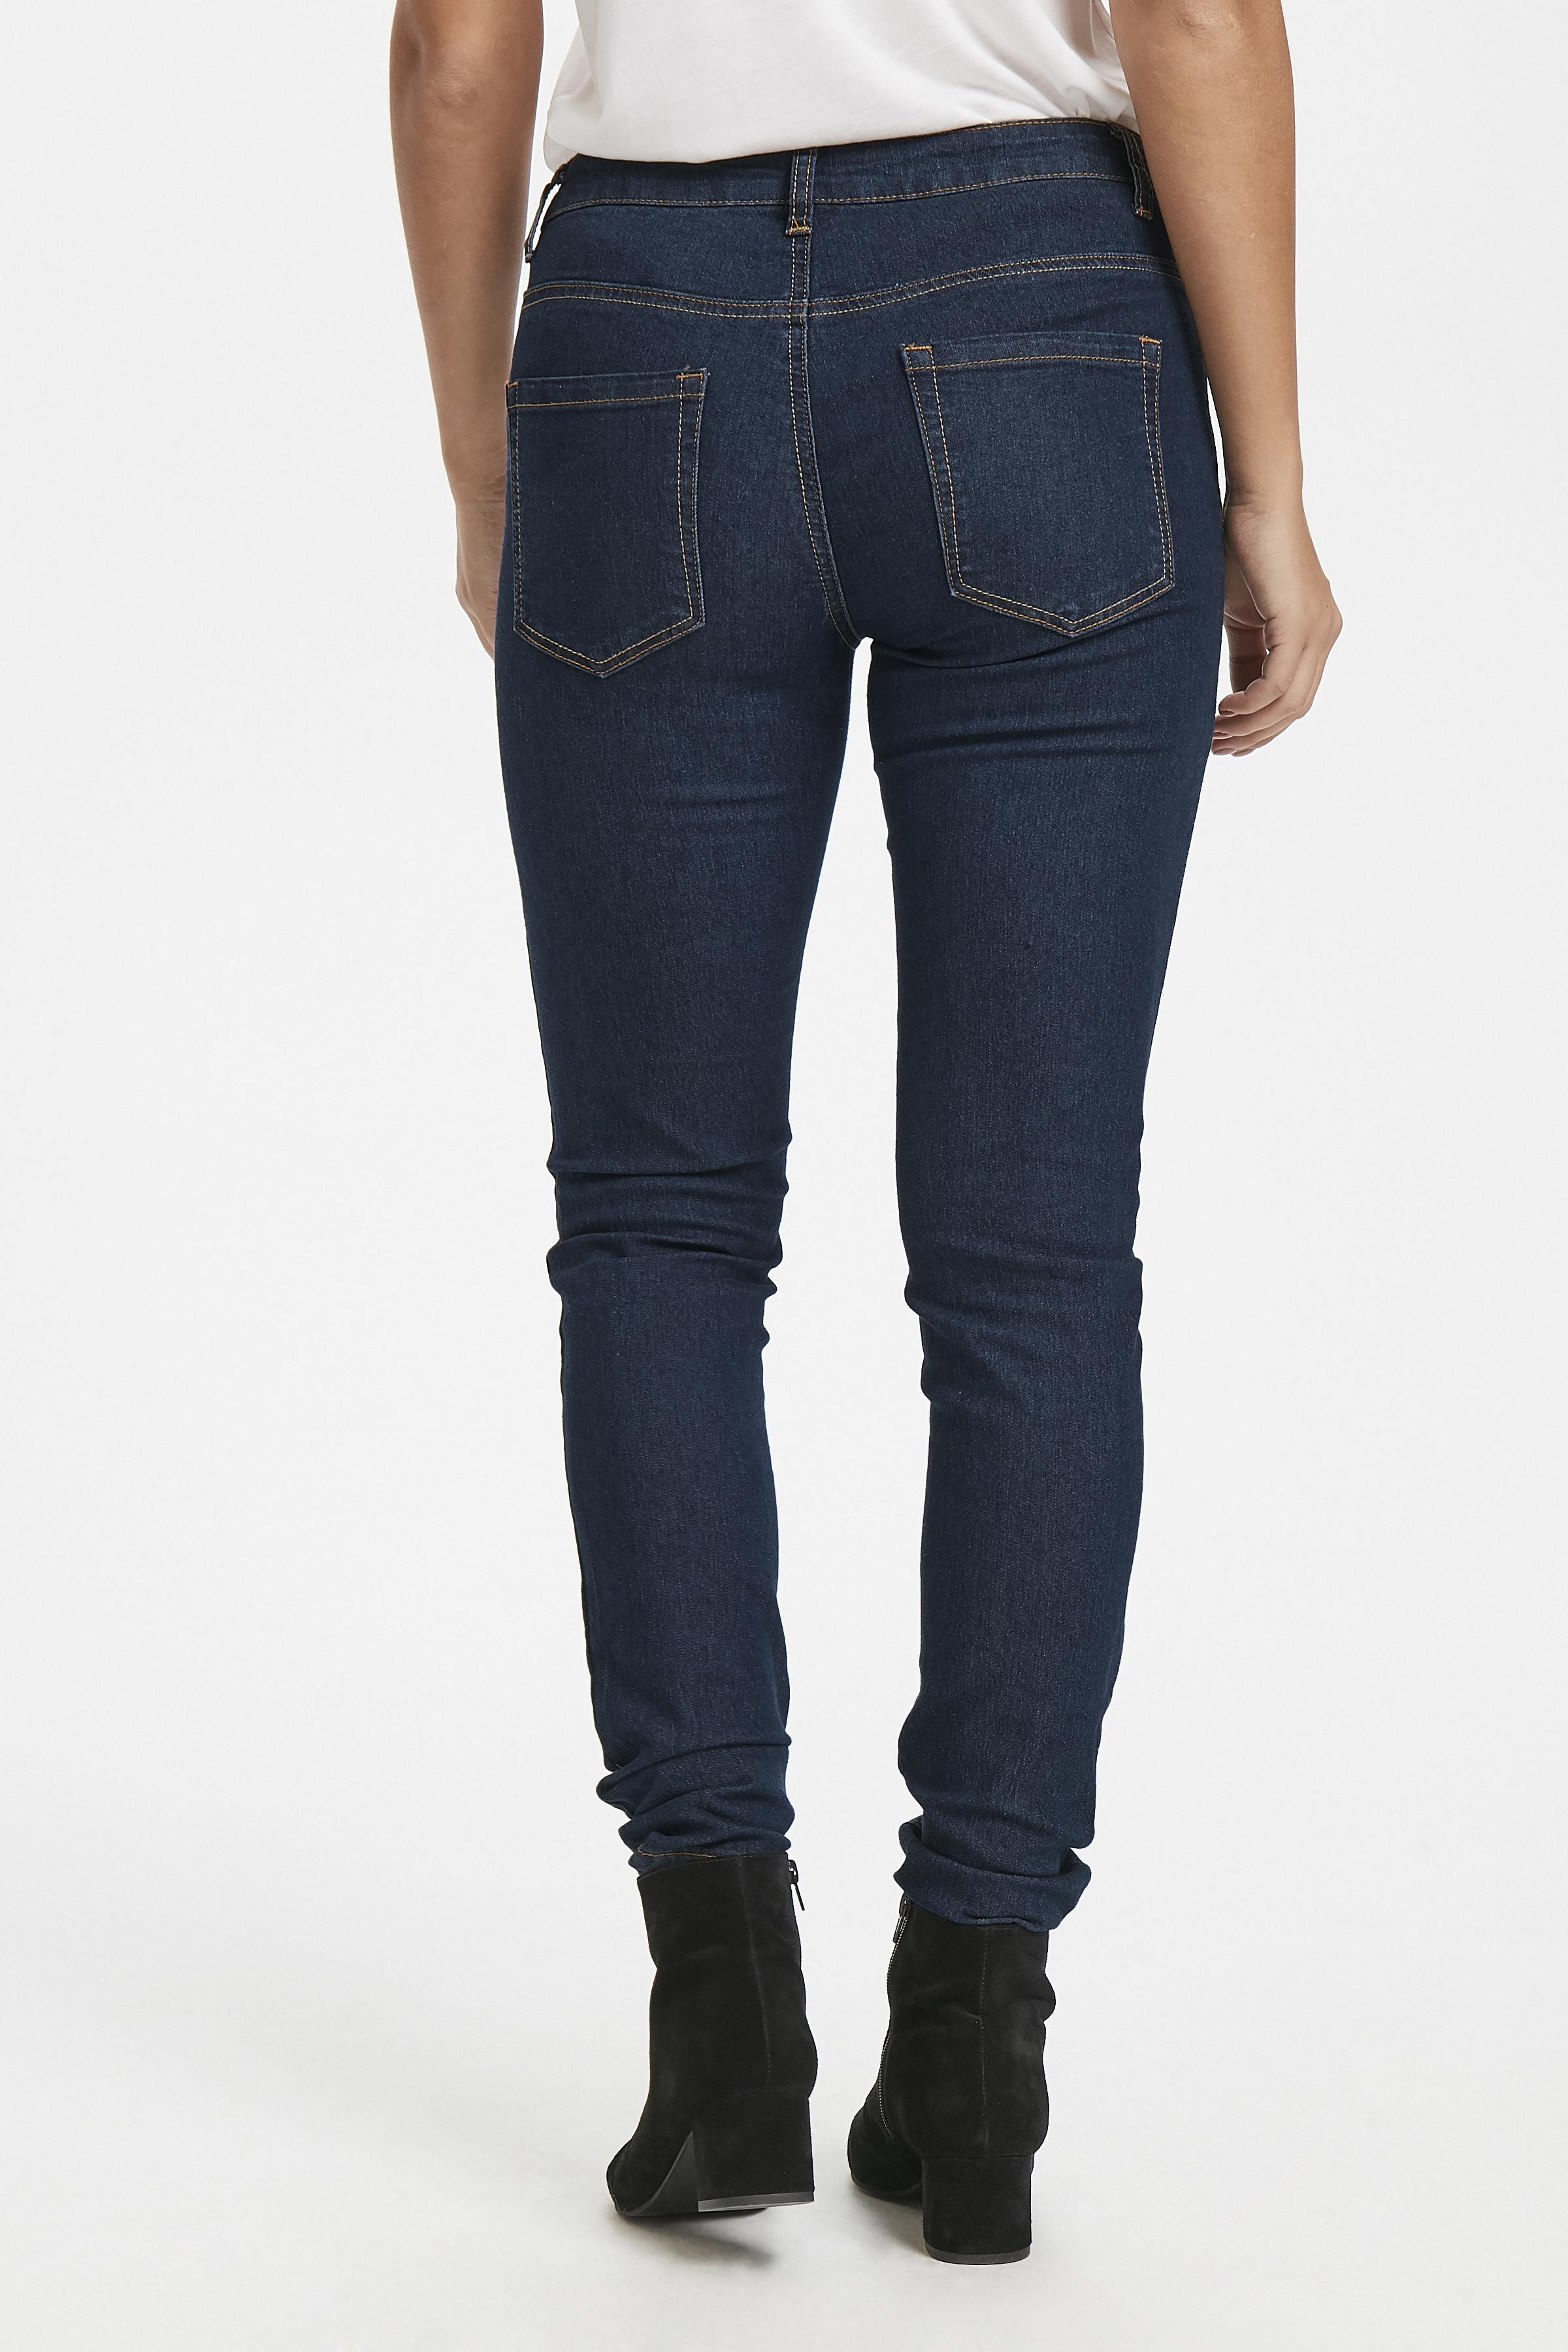 Mørk denimblå Jeans fra Kaffe – Køb Mørk denimblå Jeans fra str. 34-46 her